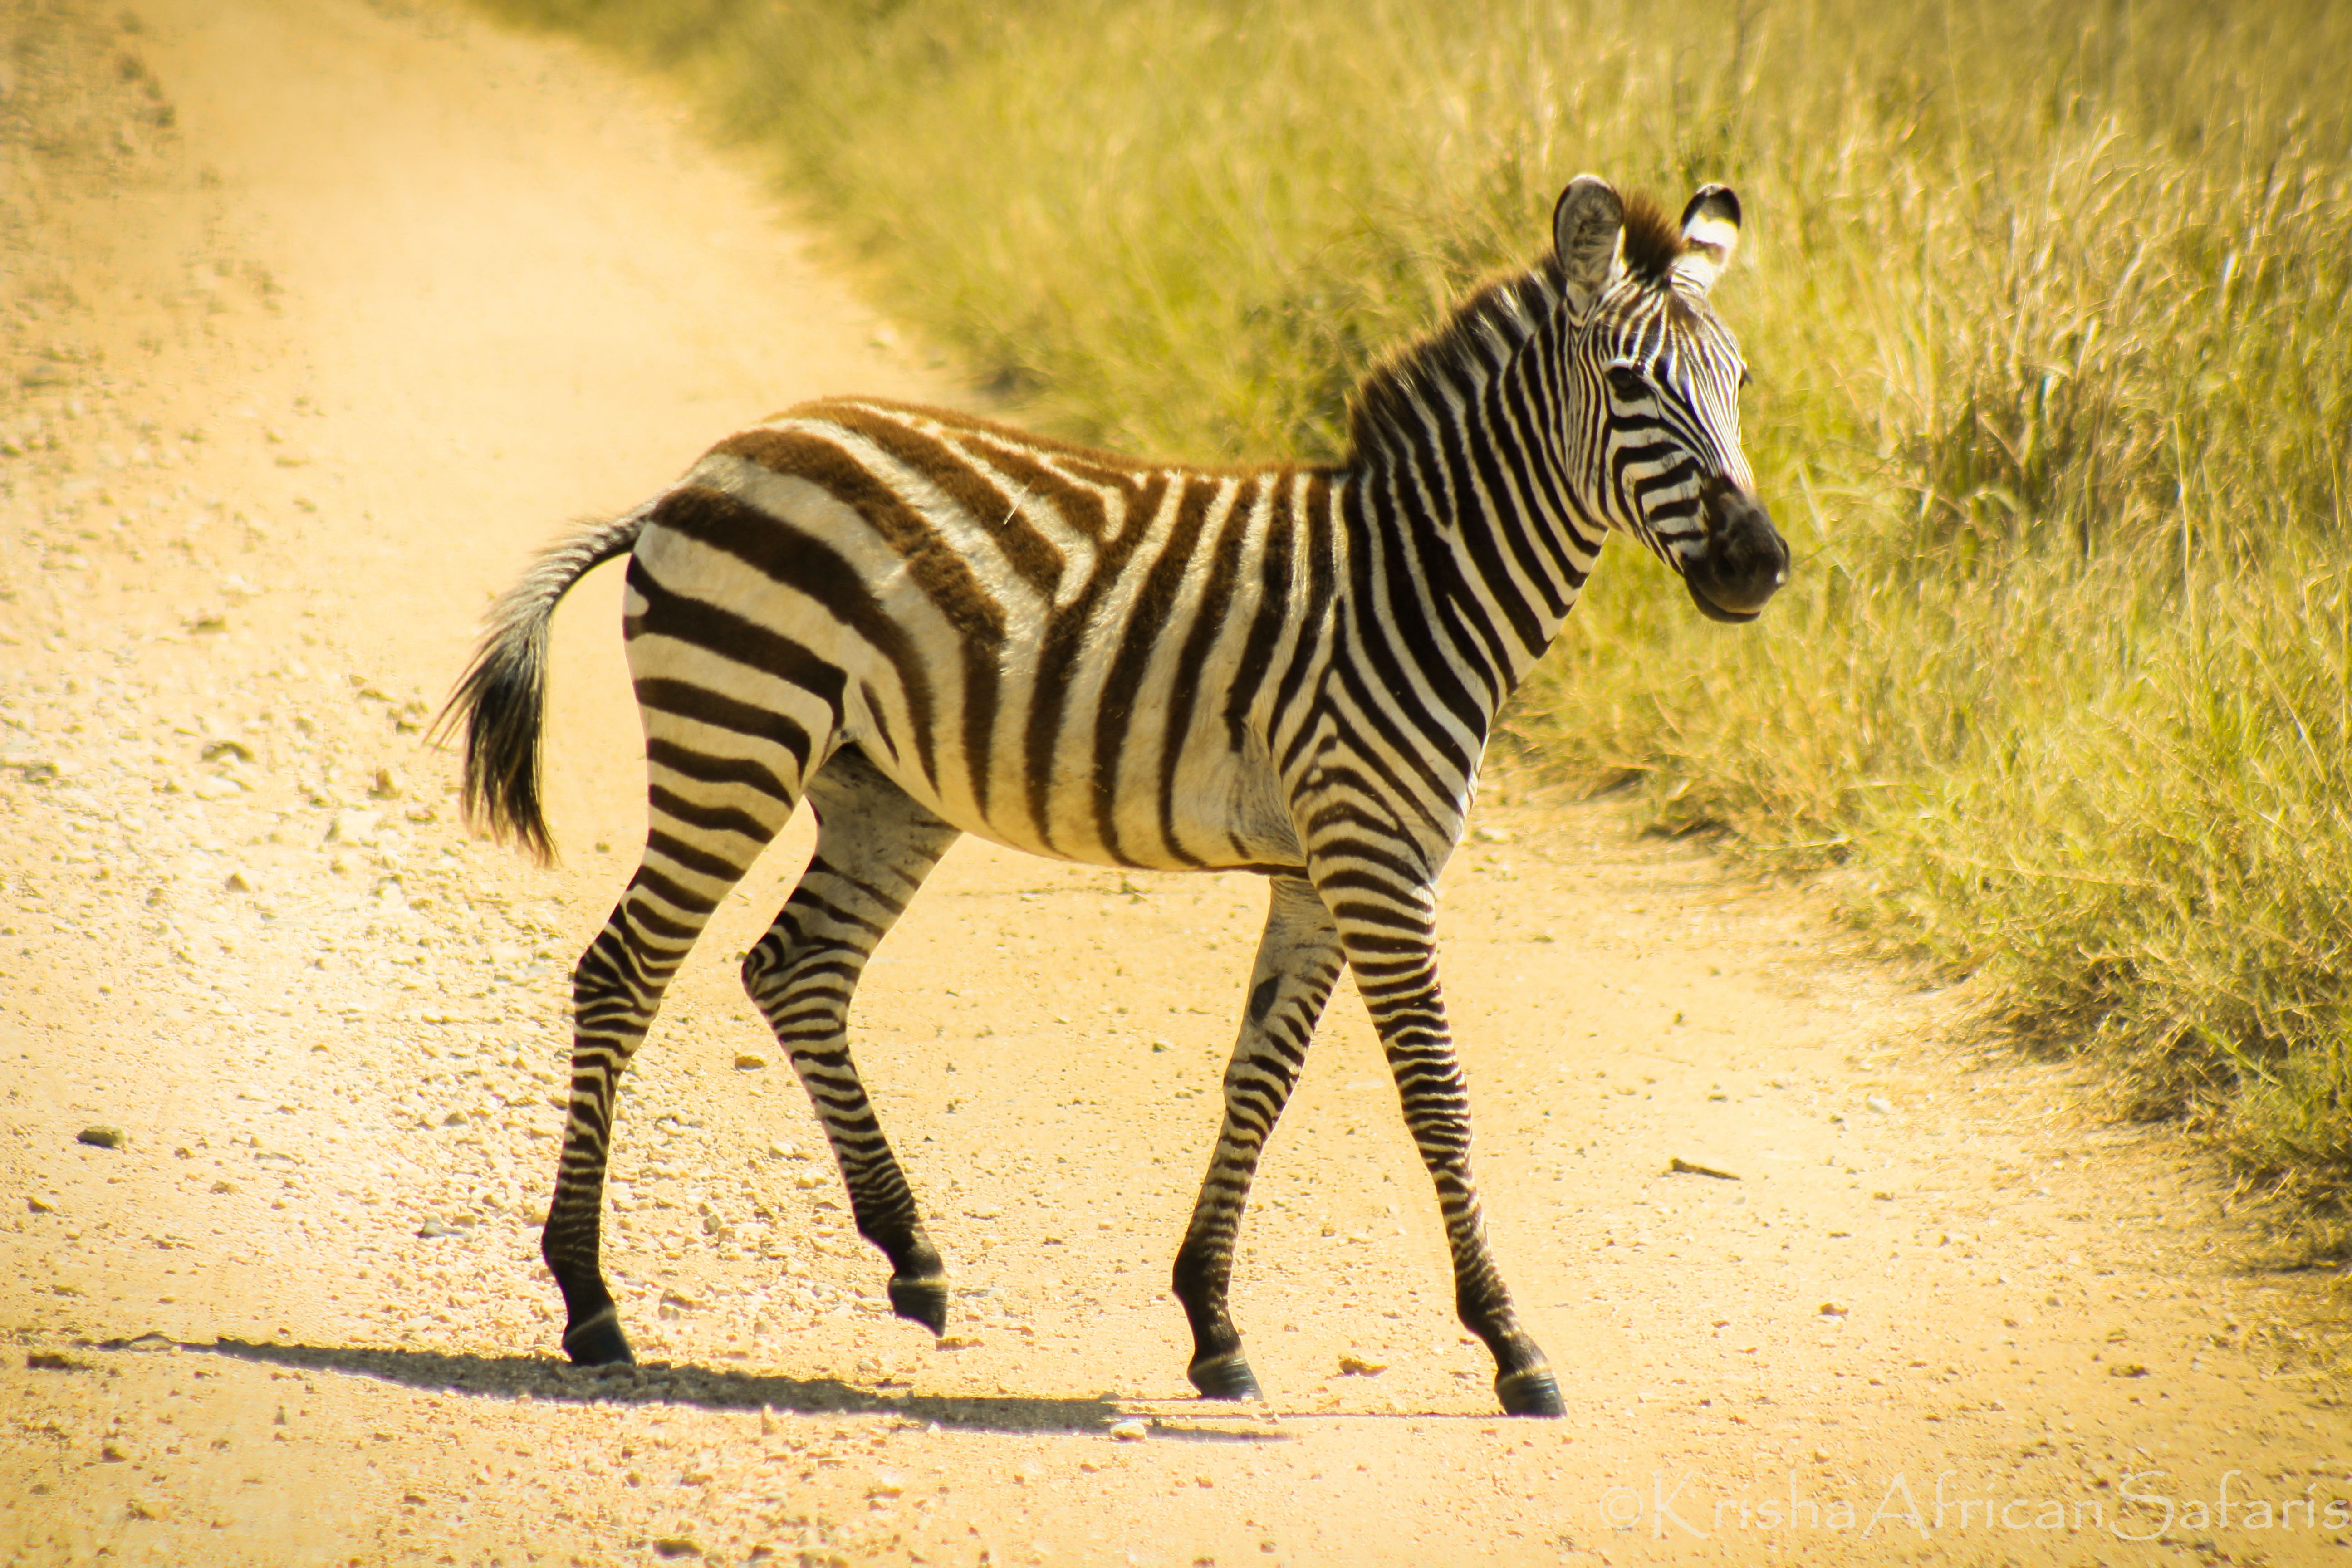 Zebra - Sererngeti